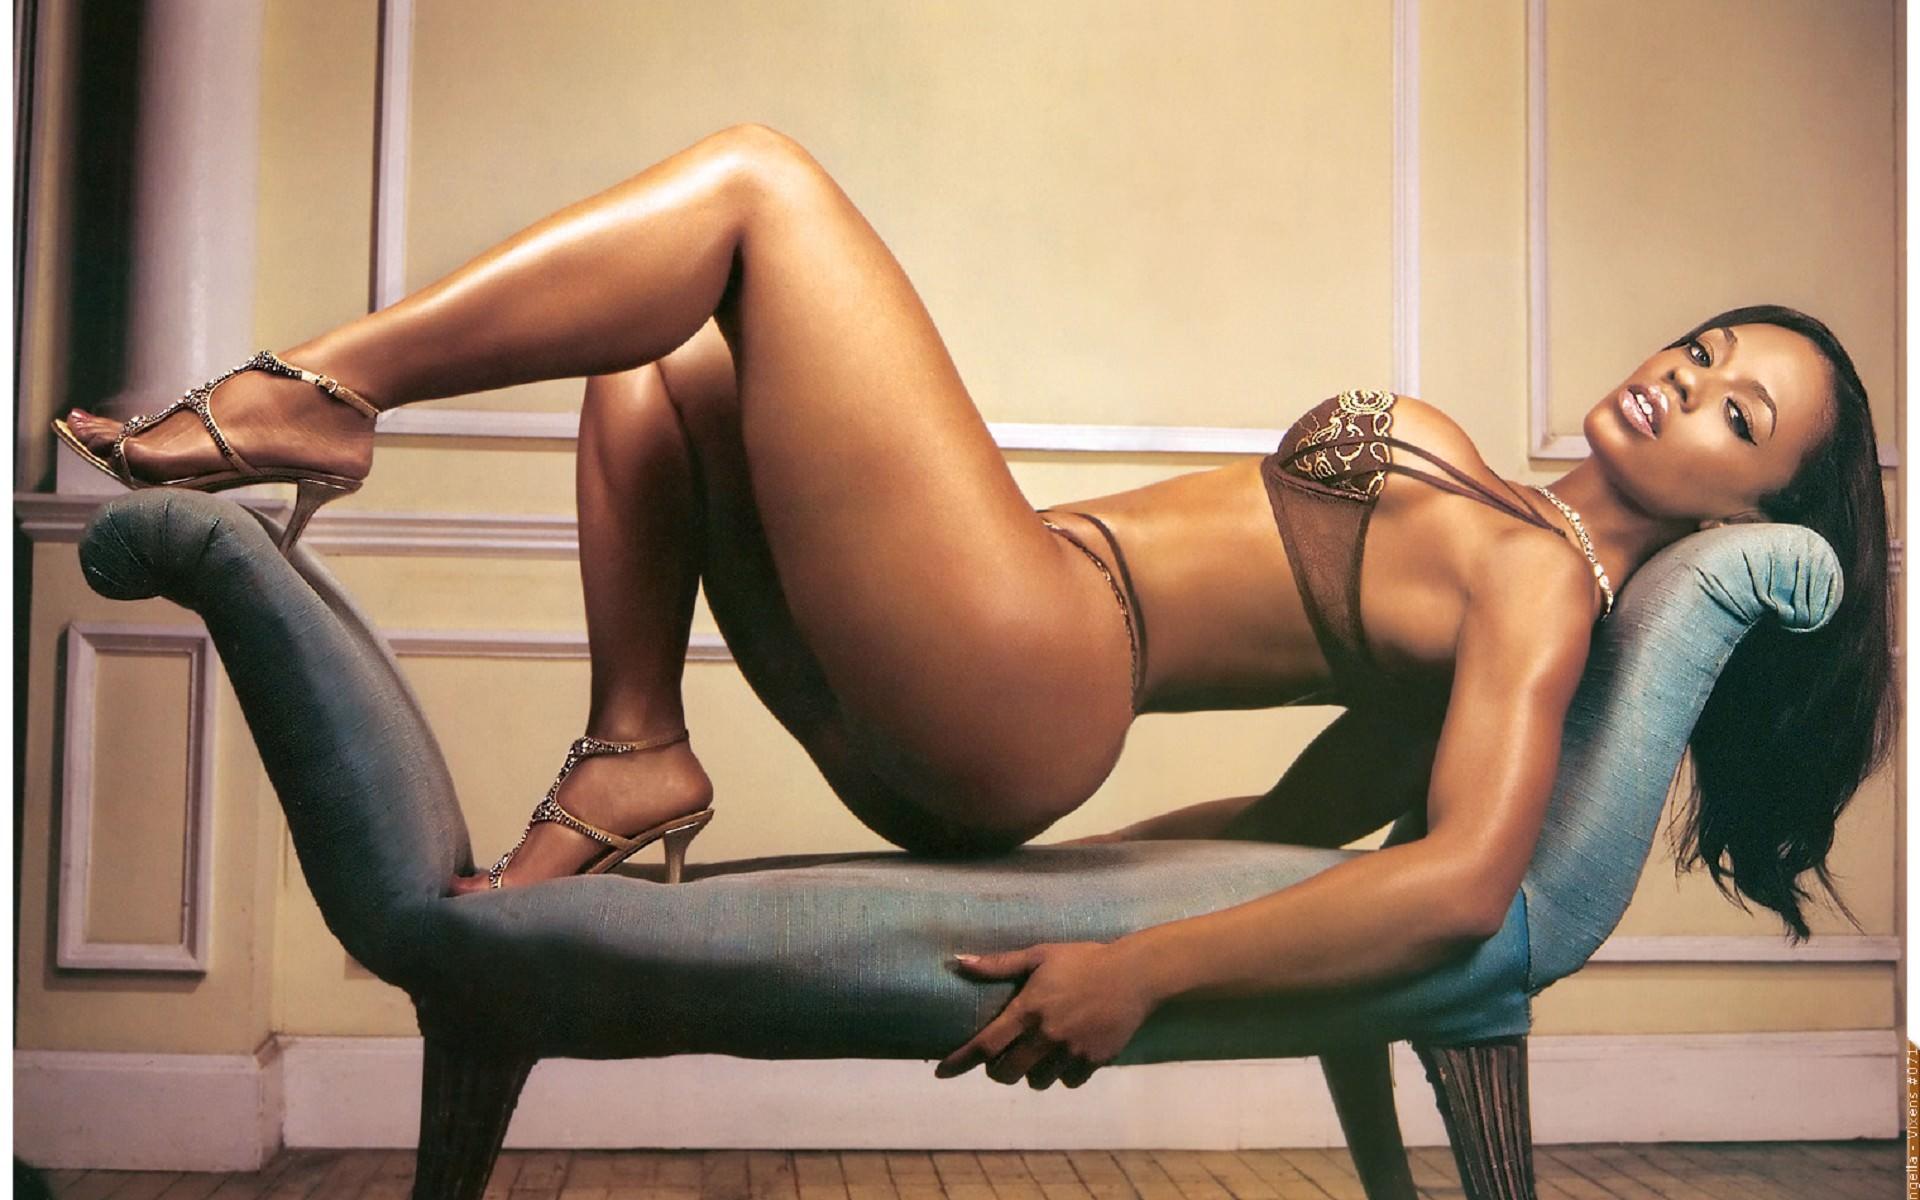 Фото негритянки мулатки 1 фотография